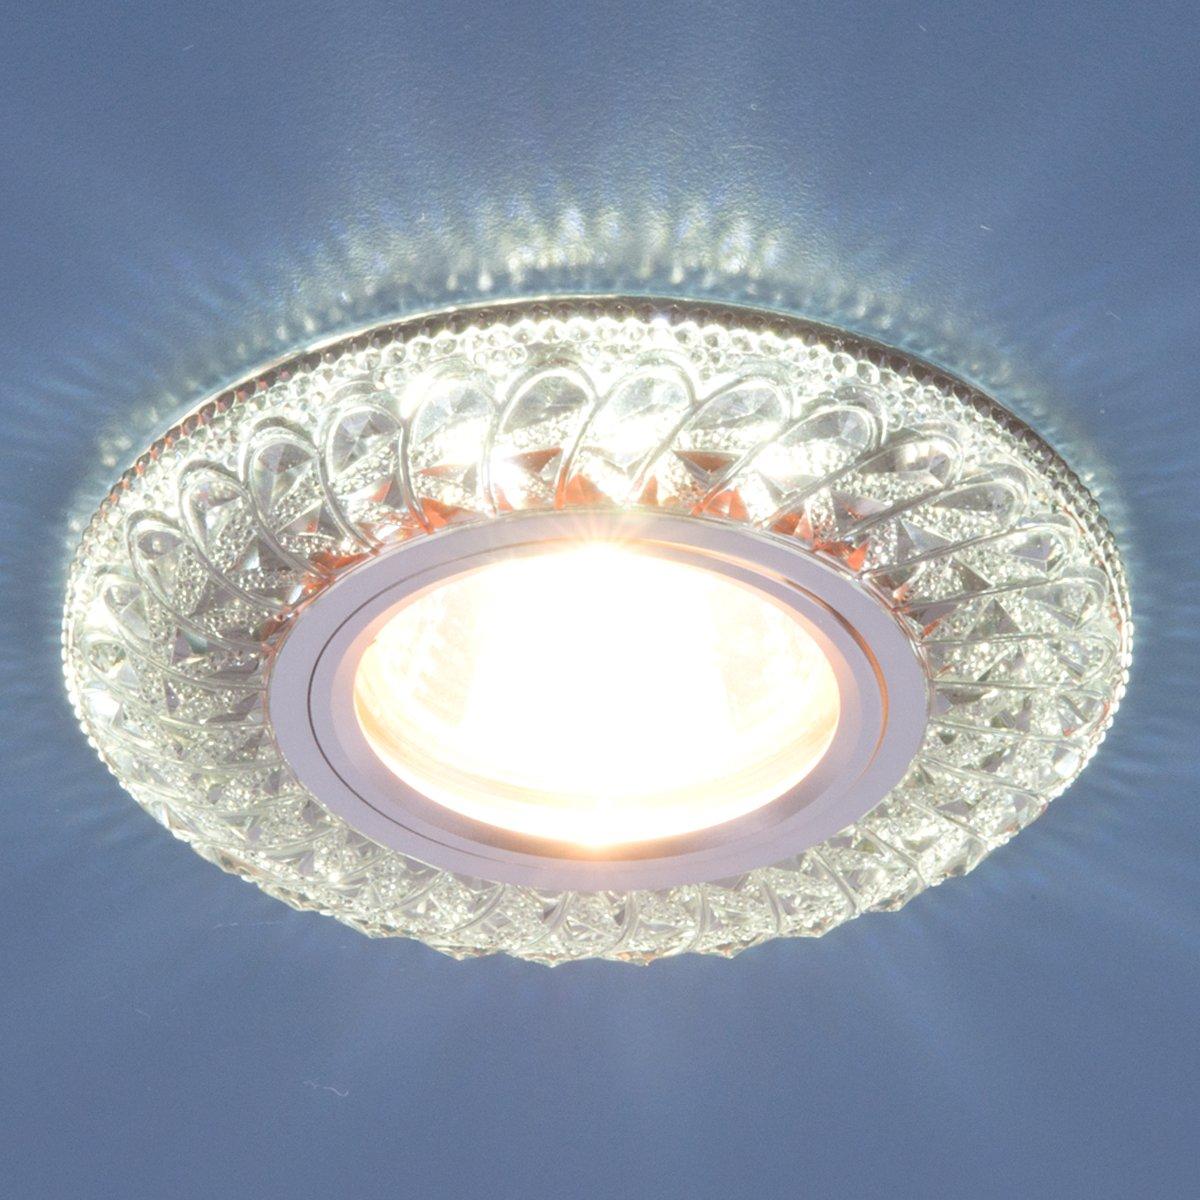 плане морозостойкости потолочные люстры для натяжных потолков фото начале